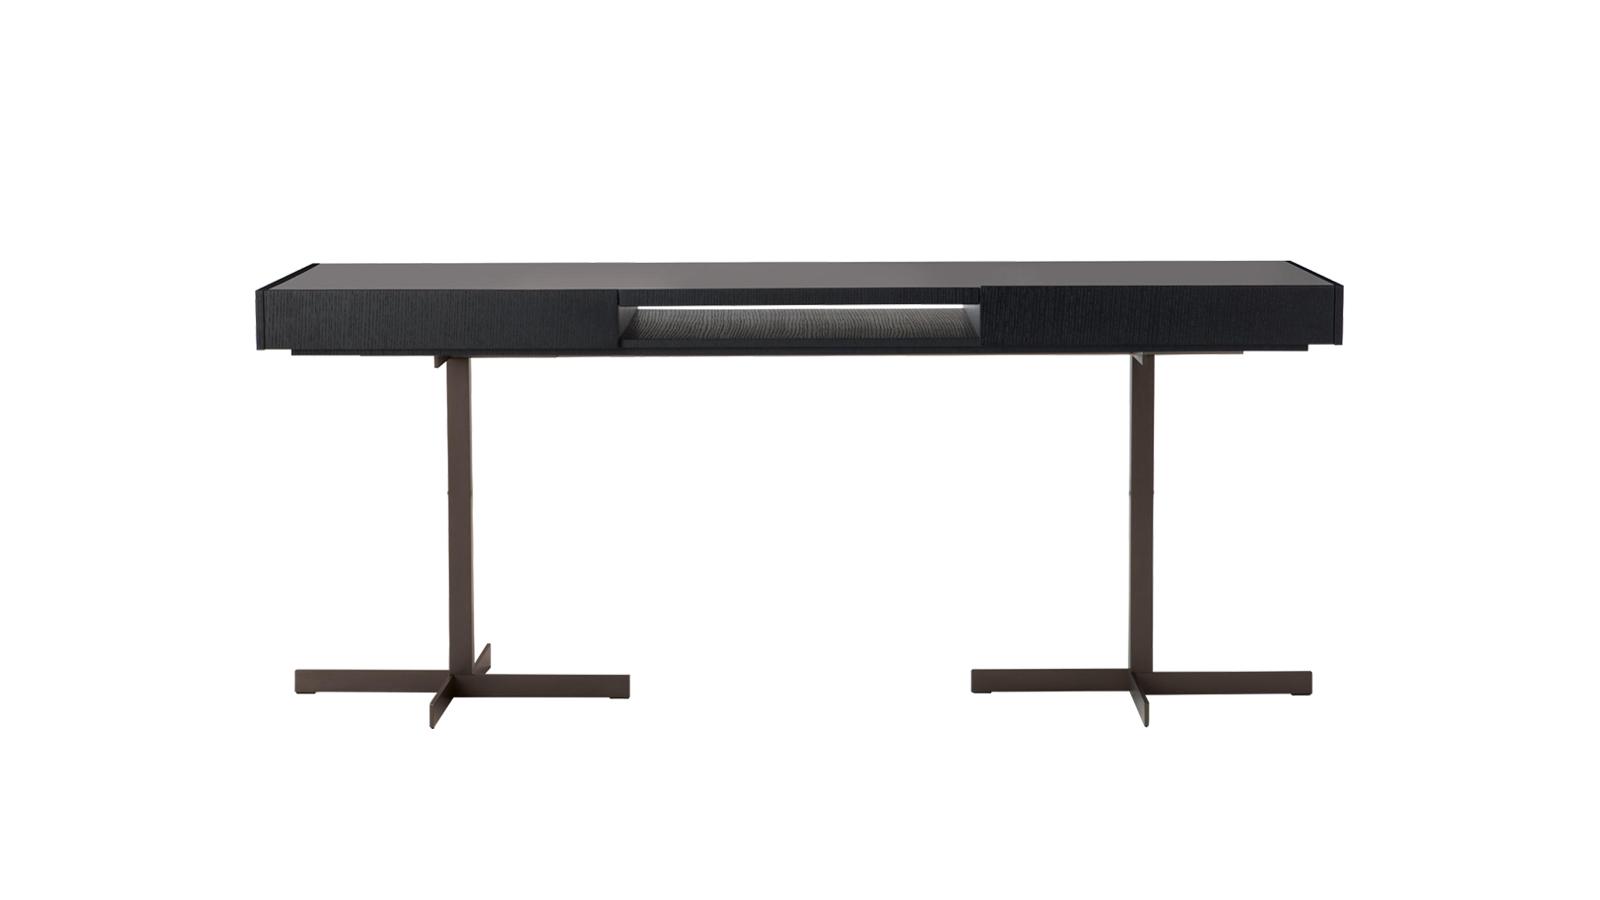 Az eredetileg a Minotti Yang rendszeréhez készült lerakóasztal tökéletes megoldás mindazon tárgyak tárolására, amelyekre a kanapé közelében szükségünk lehet. Kényelmes asztalfelülete alatt praktikus tároló rejtőzik, sőt: egy kiemelhető tálca is tartozik hozzá. A Close kollekció többféle dohányzóasztal-méretben, konzolasztal-, íróasztal- és éjjeliszekrény-változatban is kapható.